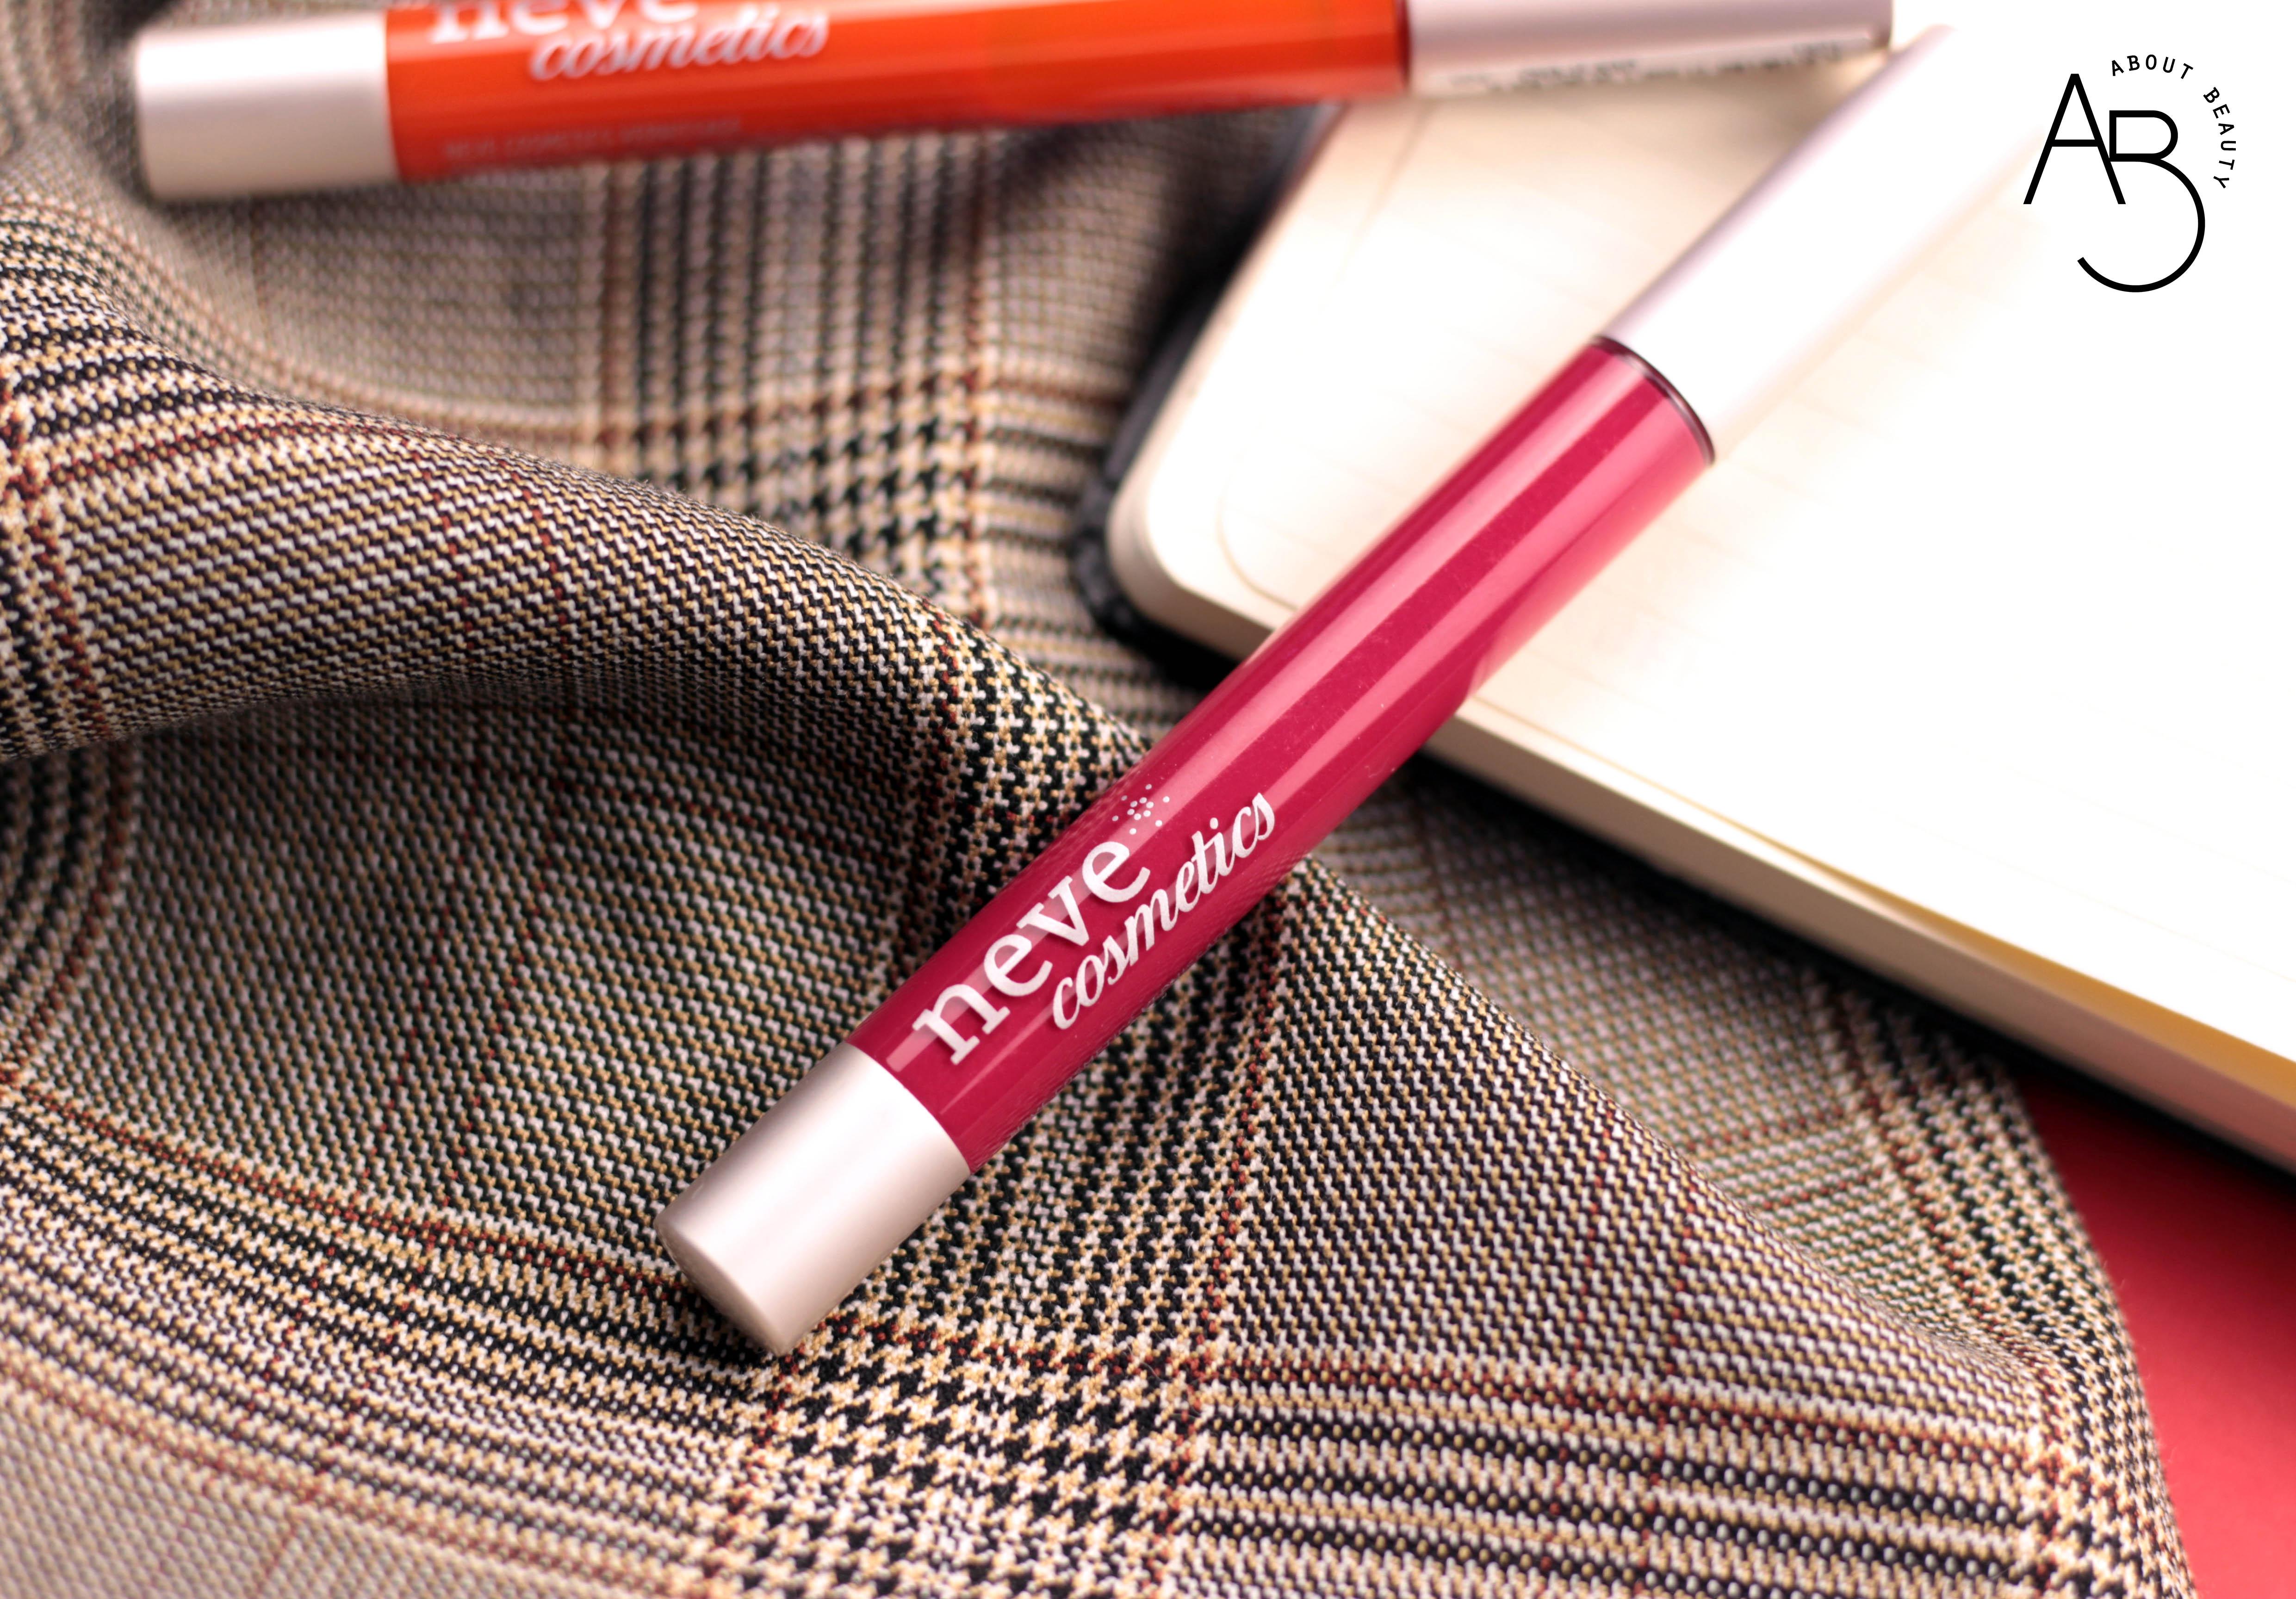 Neve Cosmetics Rebel Epoque - Review, recensione, opinioni, swatch, prezzo, dove acquistare, sconto - Vernissage Gloss Dans le Lit